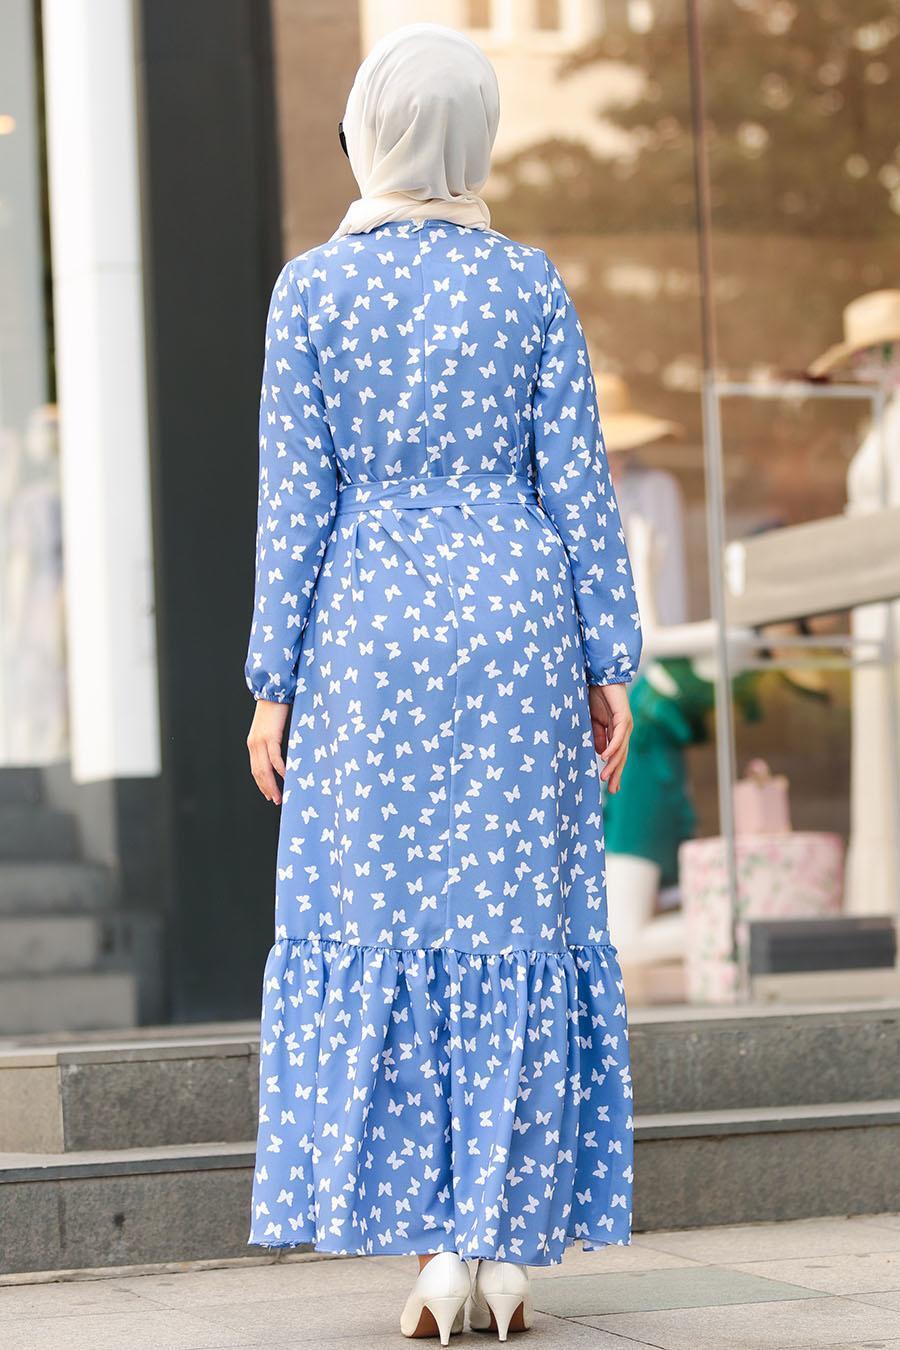 Nayla Collection - Kelebek Desenli İndigo Mavisi Tesettür Elbise 5005IM